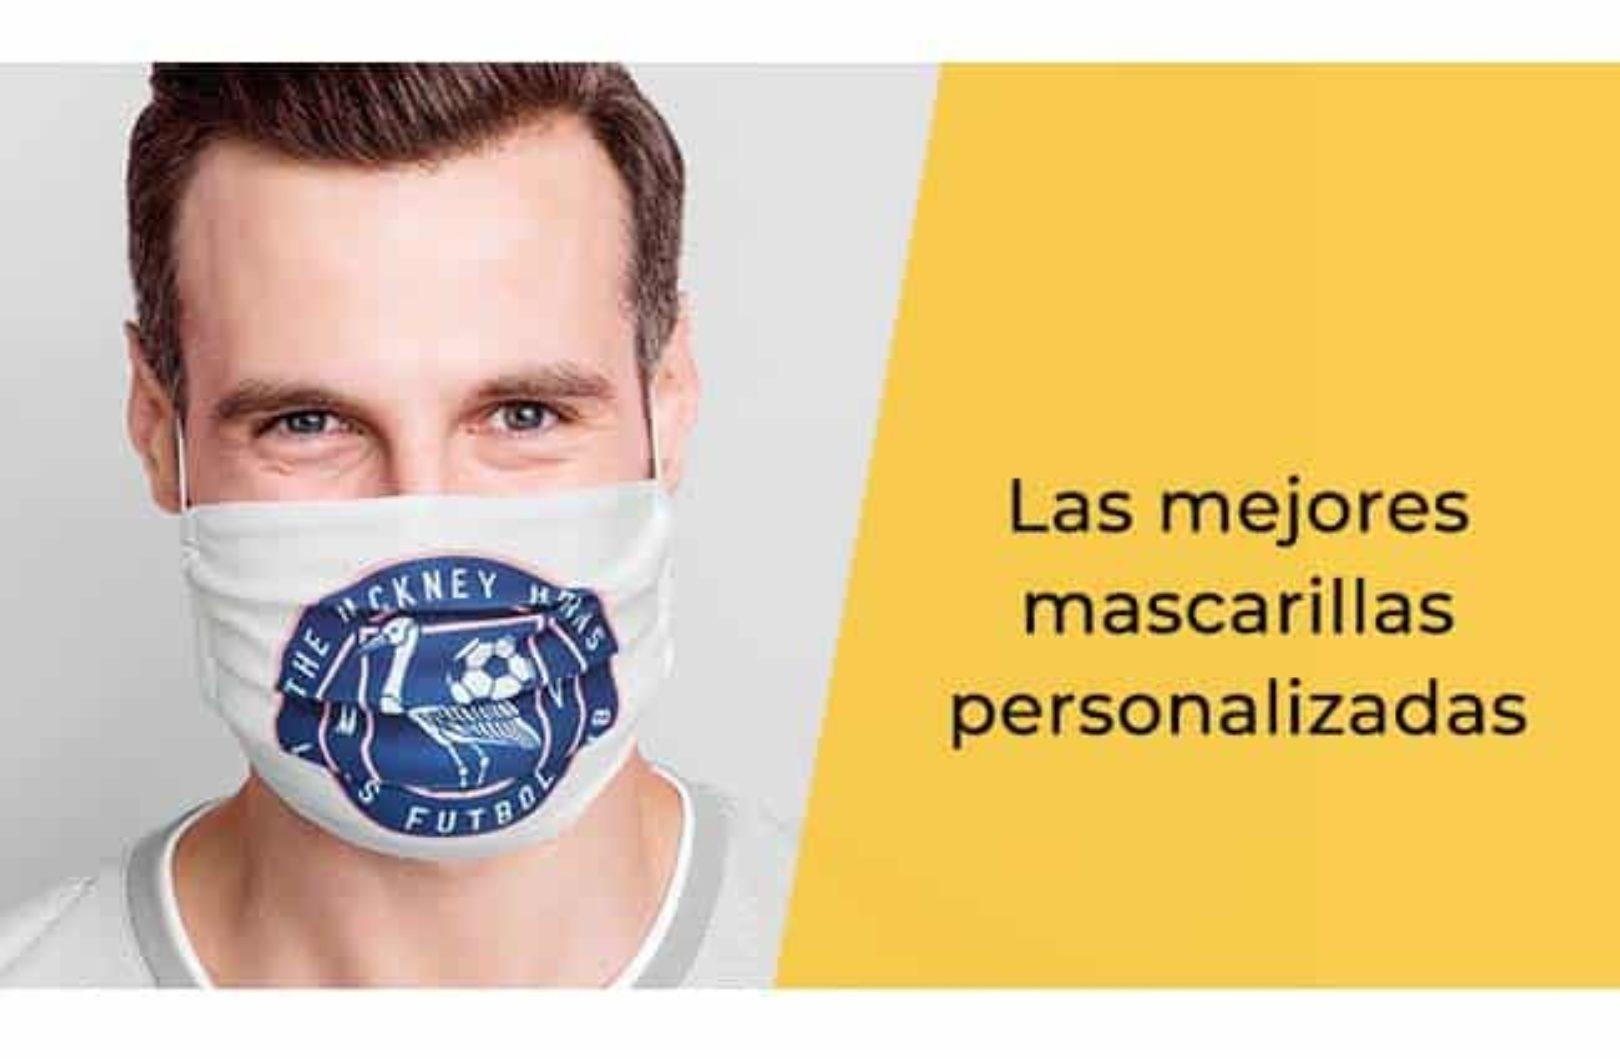 mascarillas-personalizadas-min